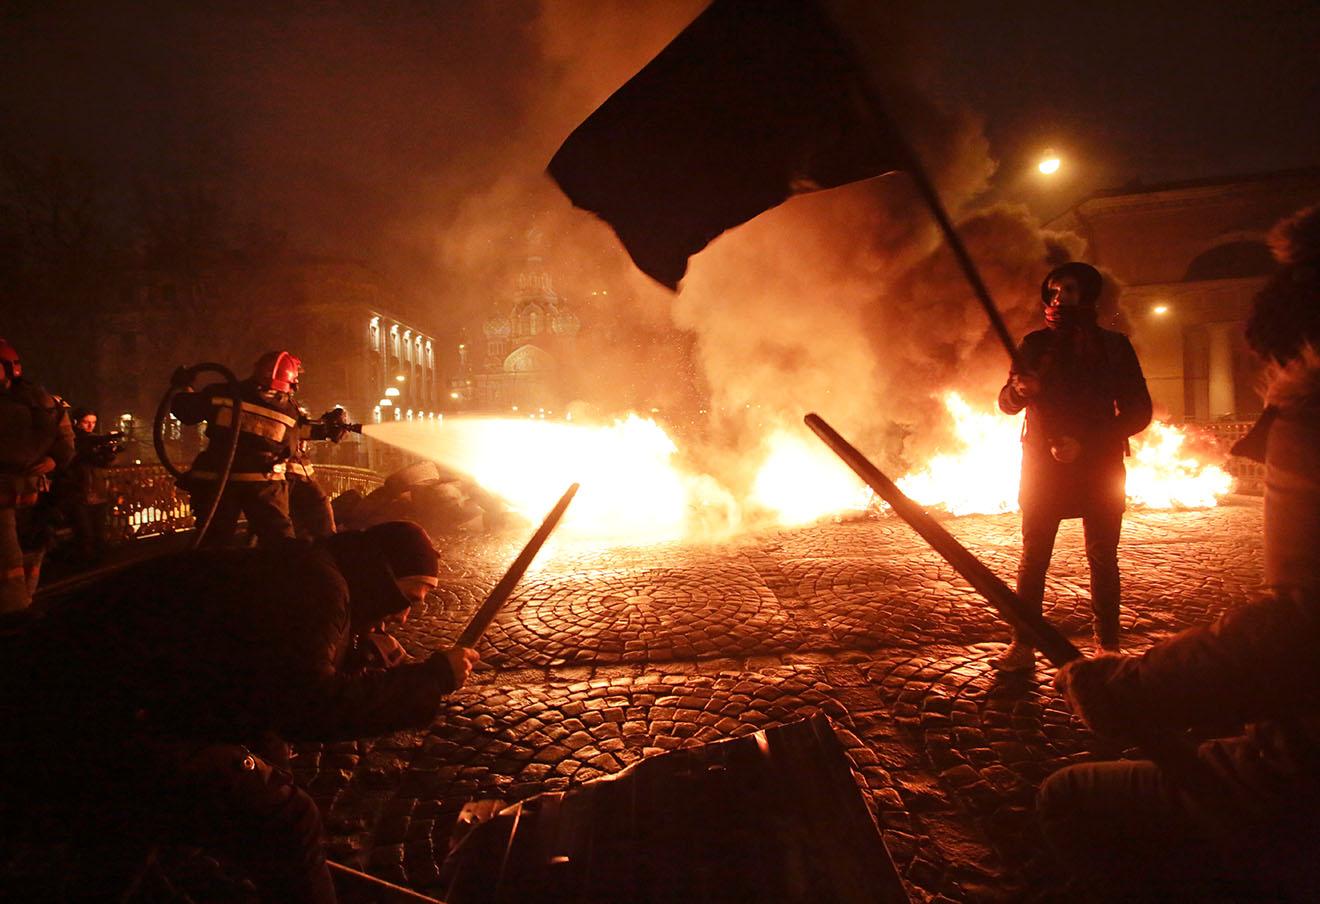 Акция «Свобода» в Санкт-Петербурге, 23 февраля 2014 года.